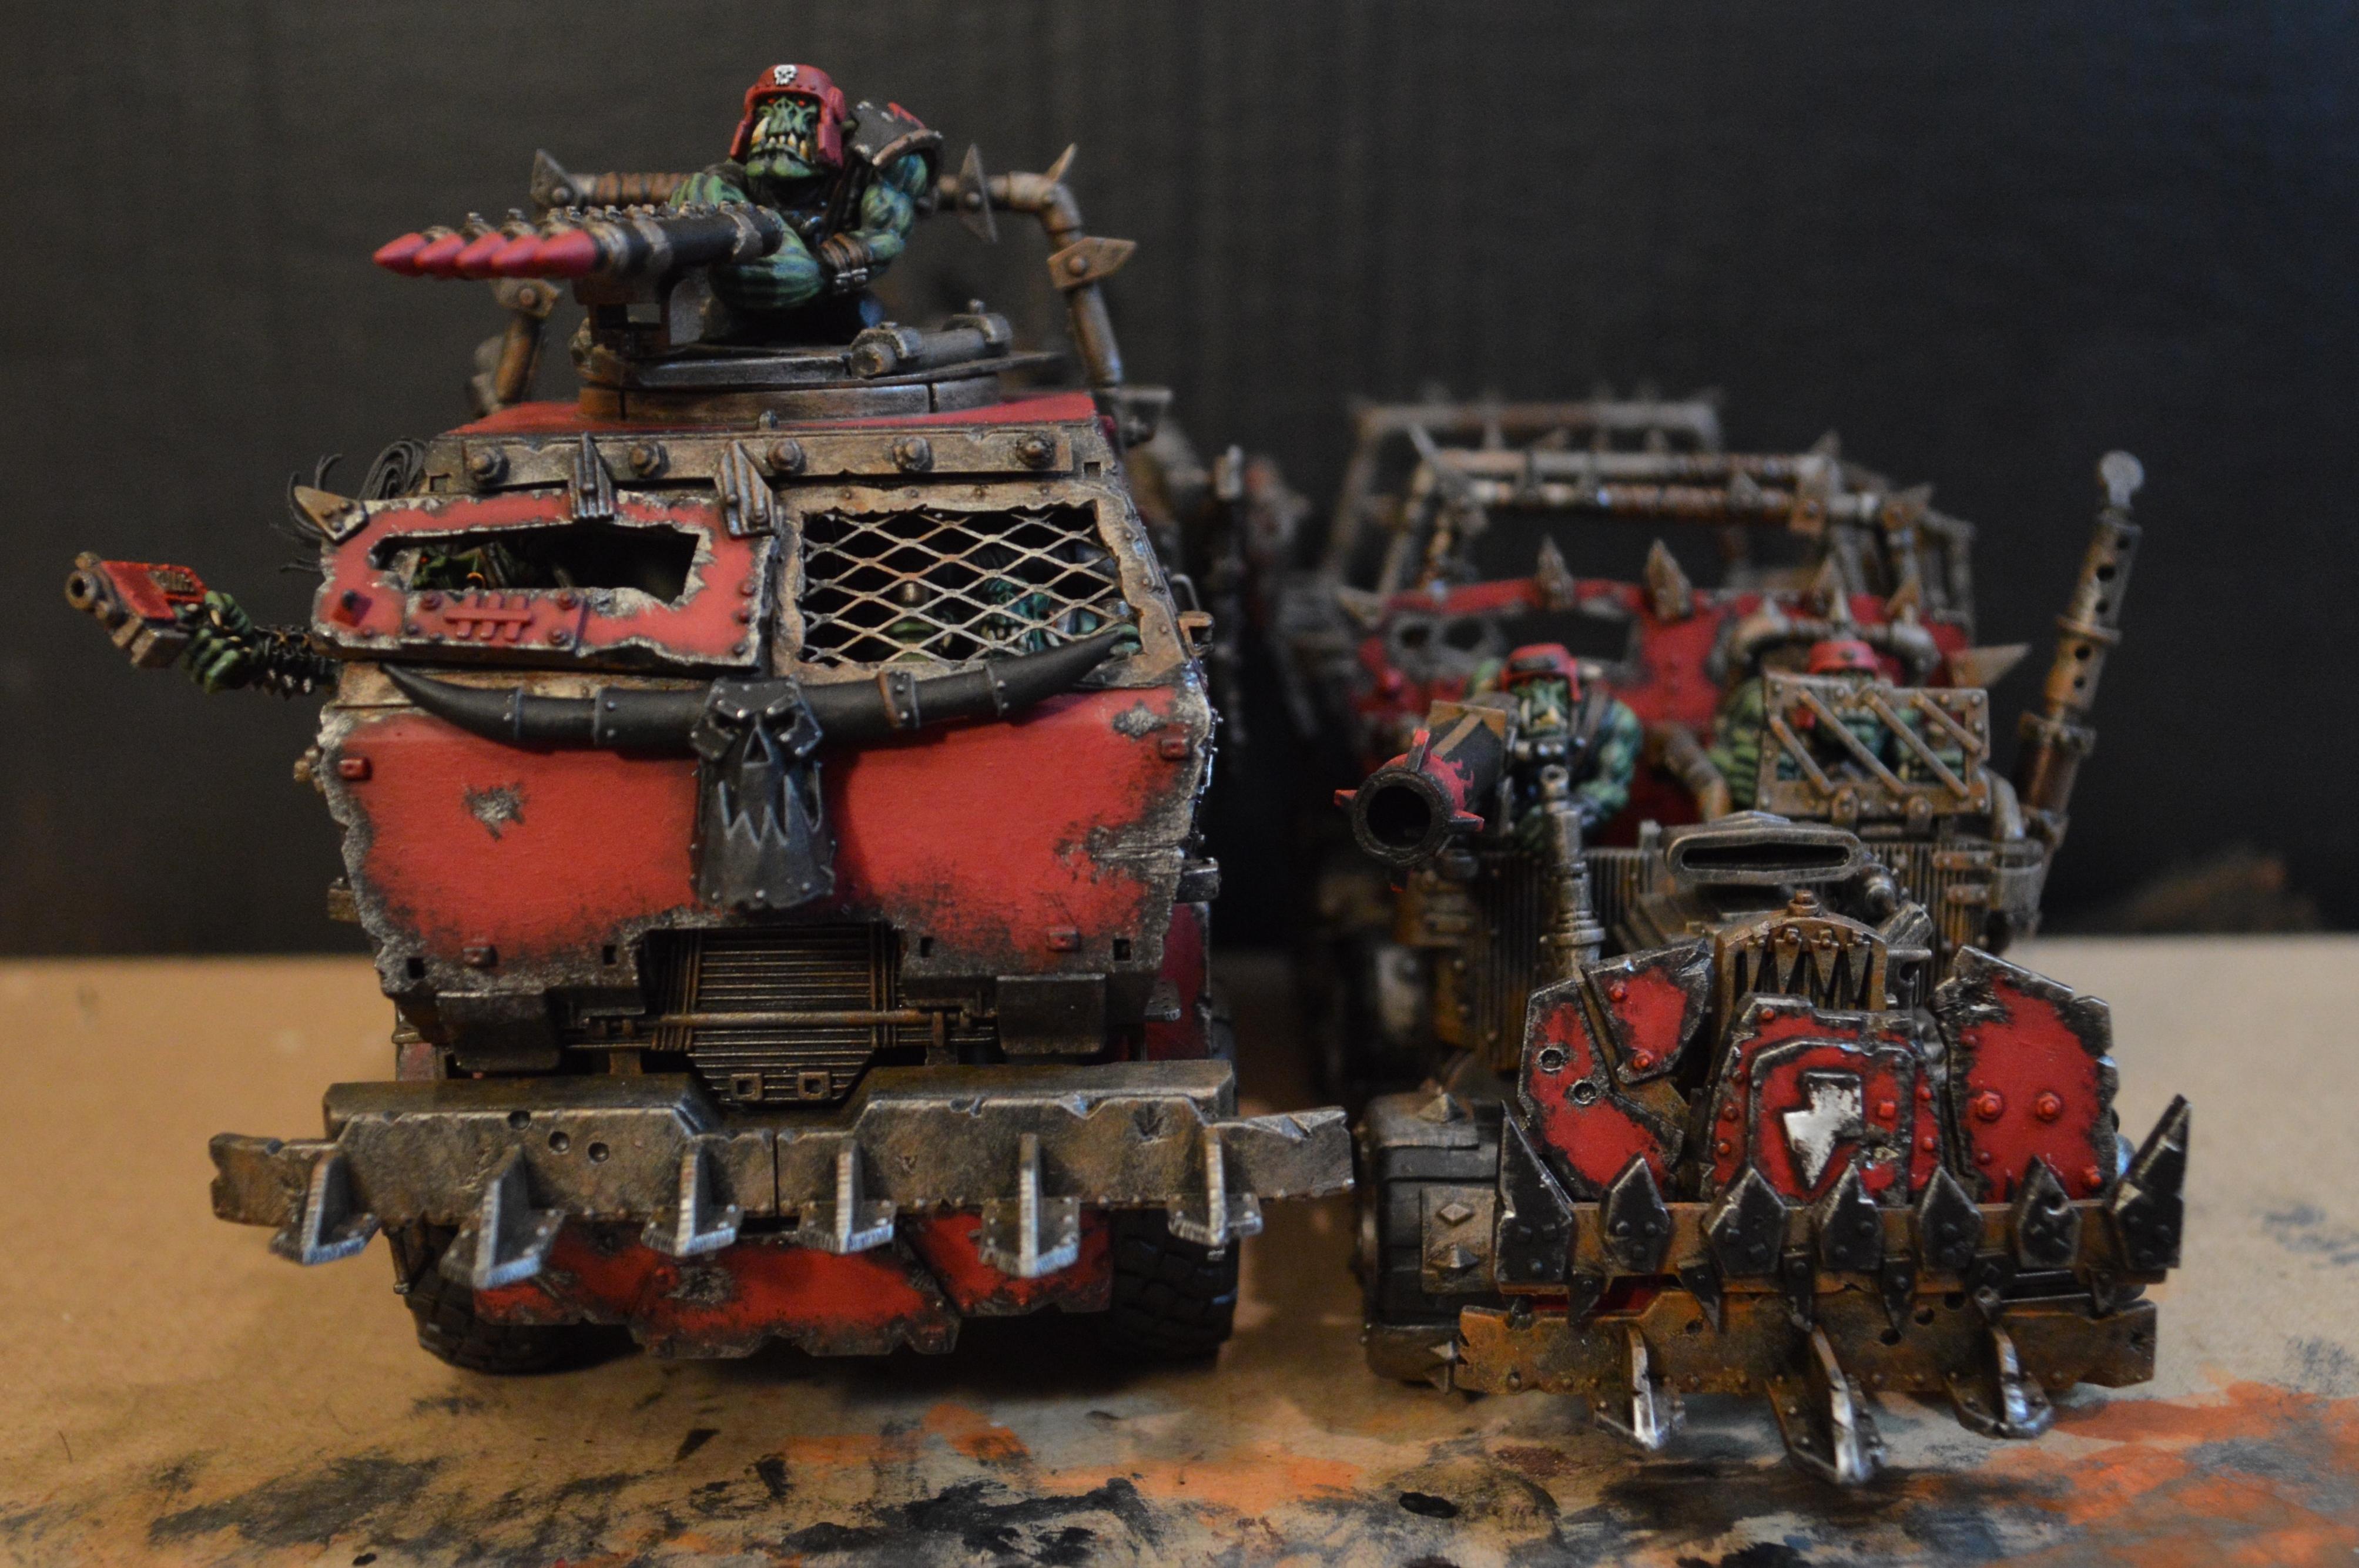 Conversion, Mega Trukk, Orks, Red, Scratch Build, The Riddle Of Steel, Trukk, Warhammer 40,000